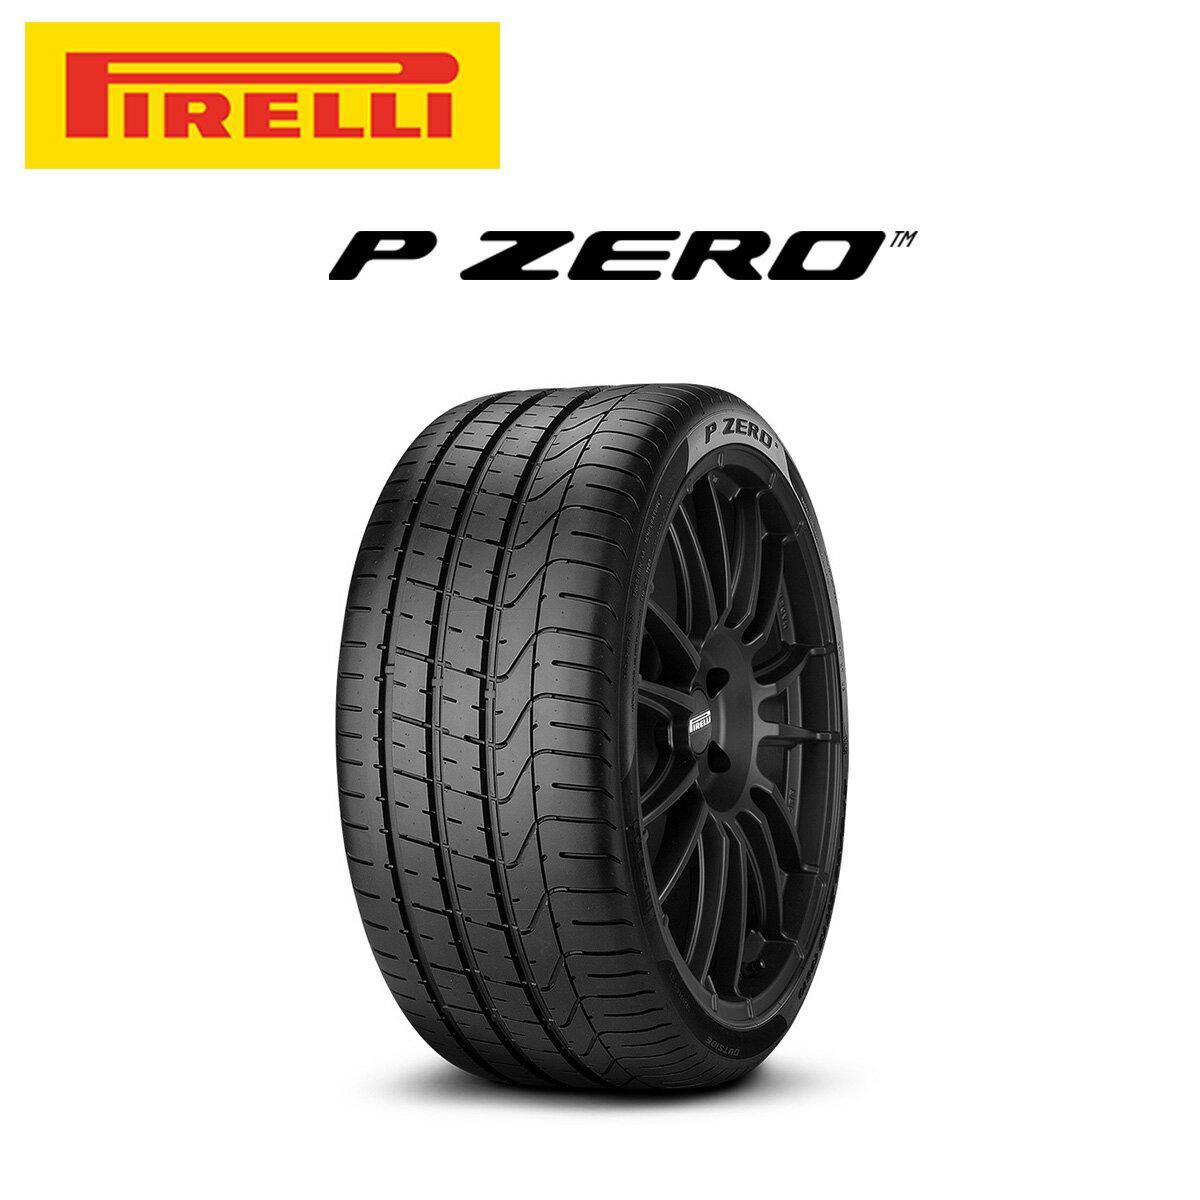 ピレリ PIRELLI P ZERO ピーゼロ 19インチ サマー タイヤ 1本 245/45R19 102Y XL ★:BMW MINI承認タイヤ 2546000